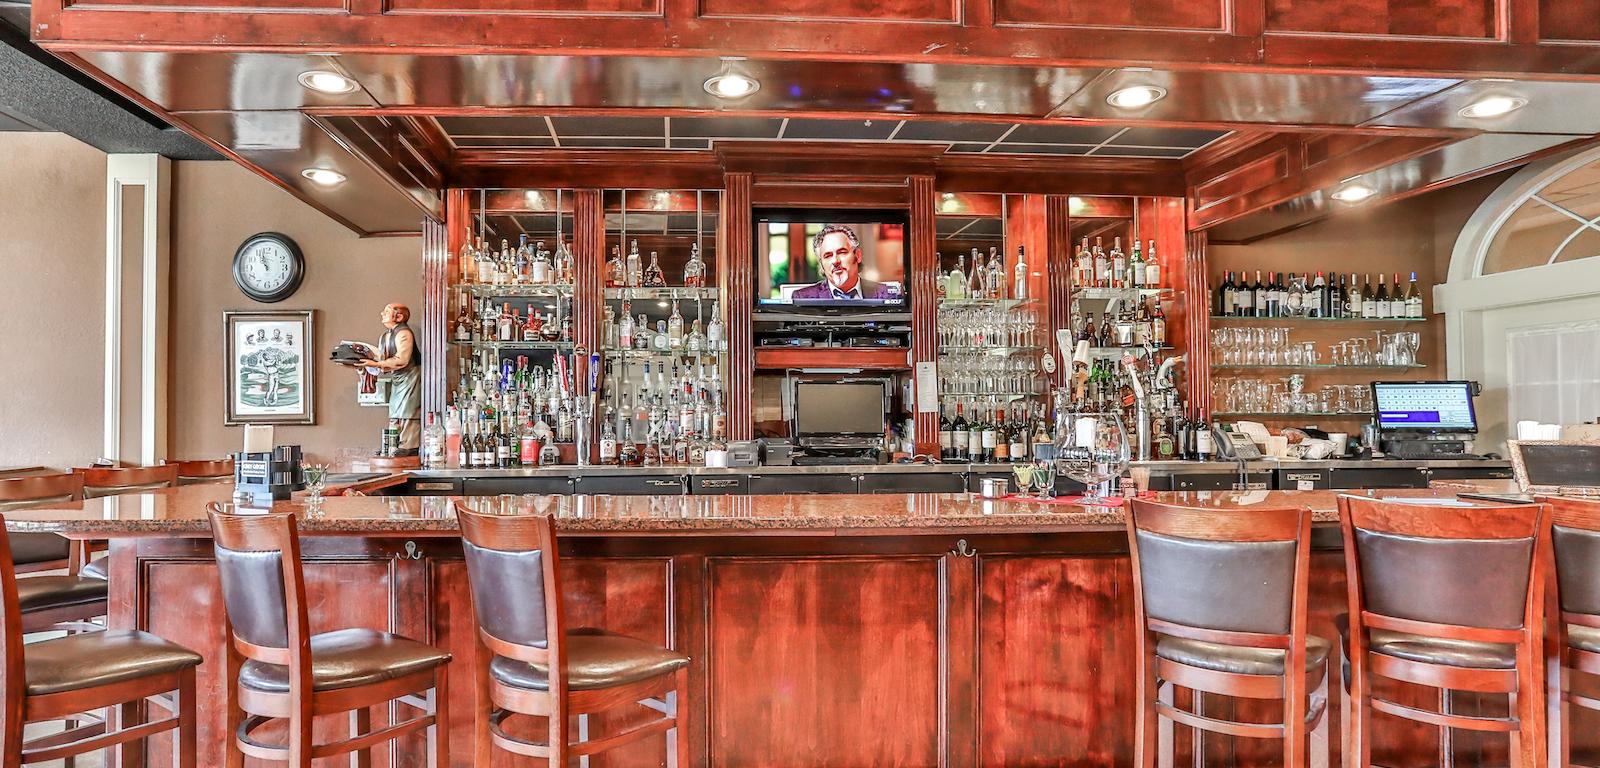 Glen Lakes - Bar counter